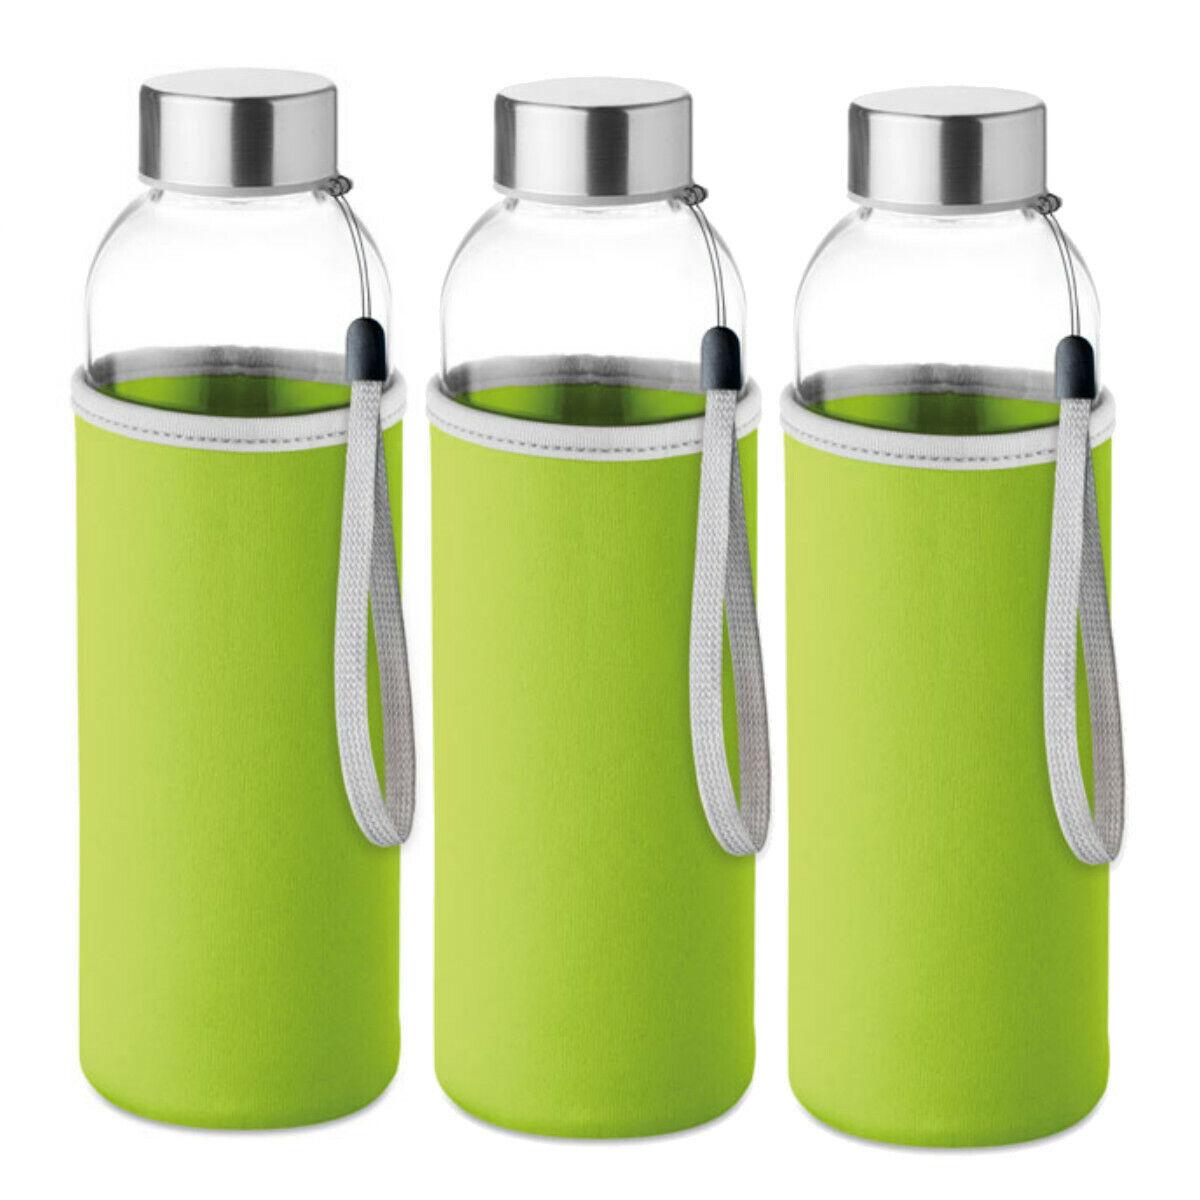 Conjunto de 3 botellas de cristal con funda de neopreno color verde 500 ml